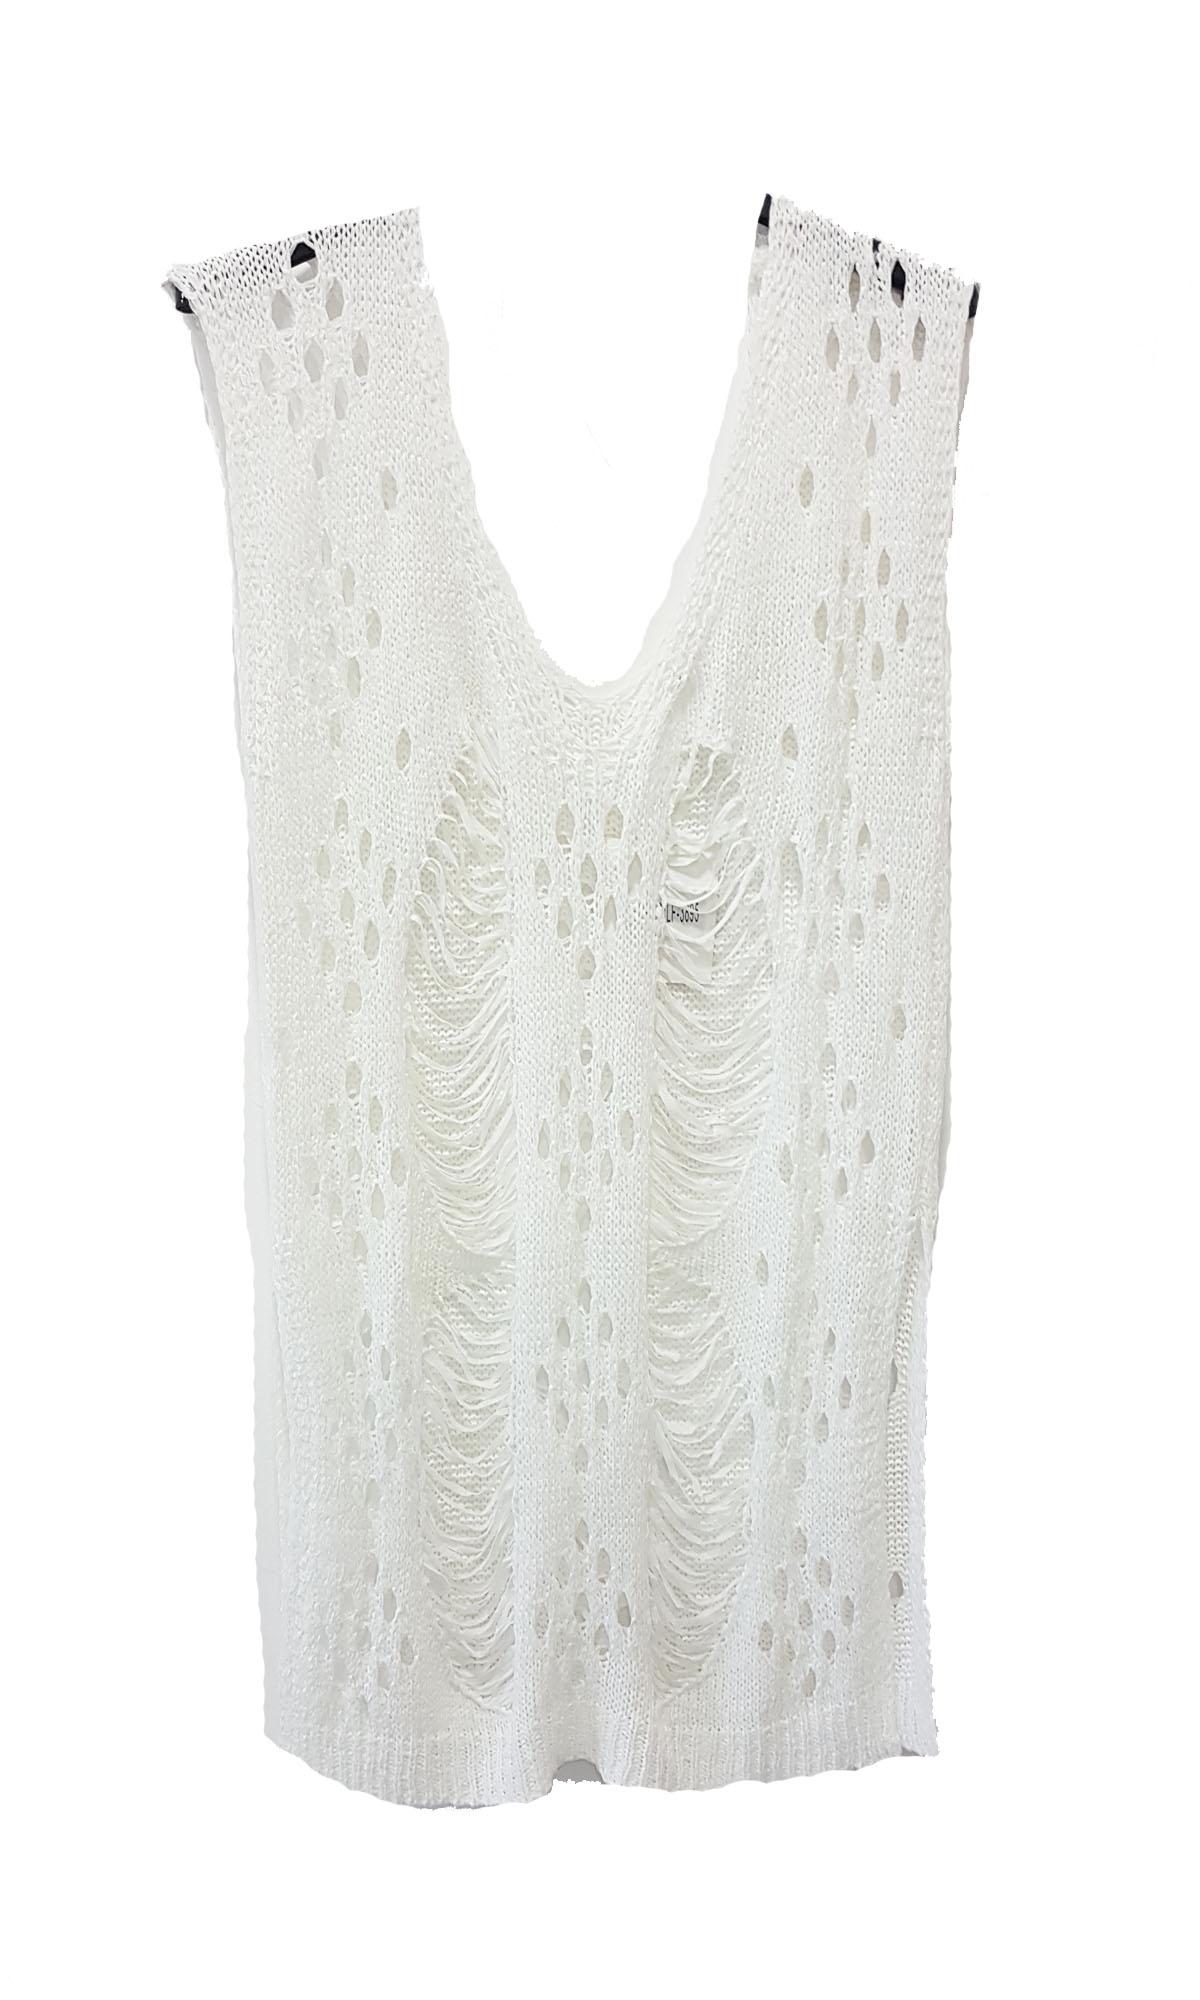 Γυναικείο Διχτυωτό Τοπ με Τιράντες Λευκό - OEM - SS17SOF-112504 ενδύματα μπλούζες   t shirts